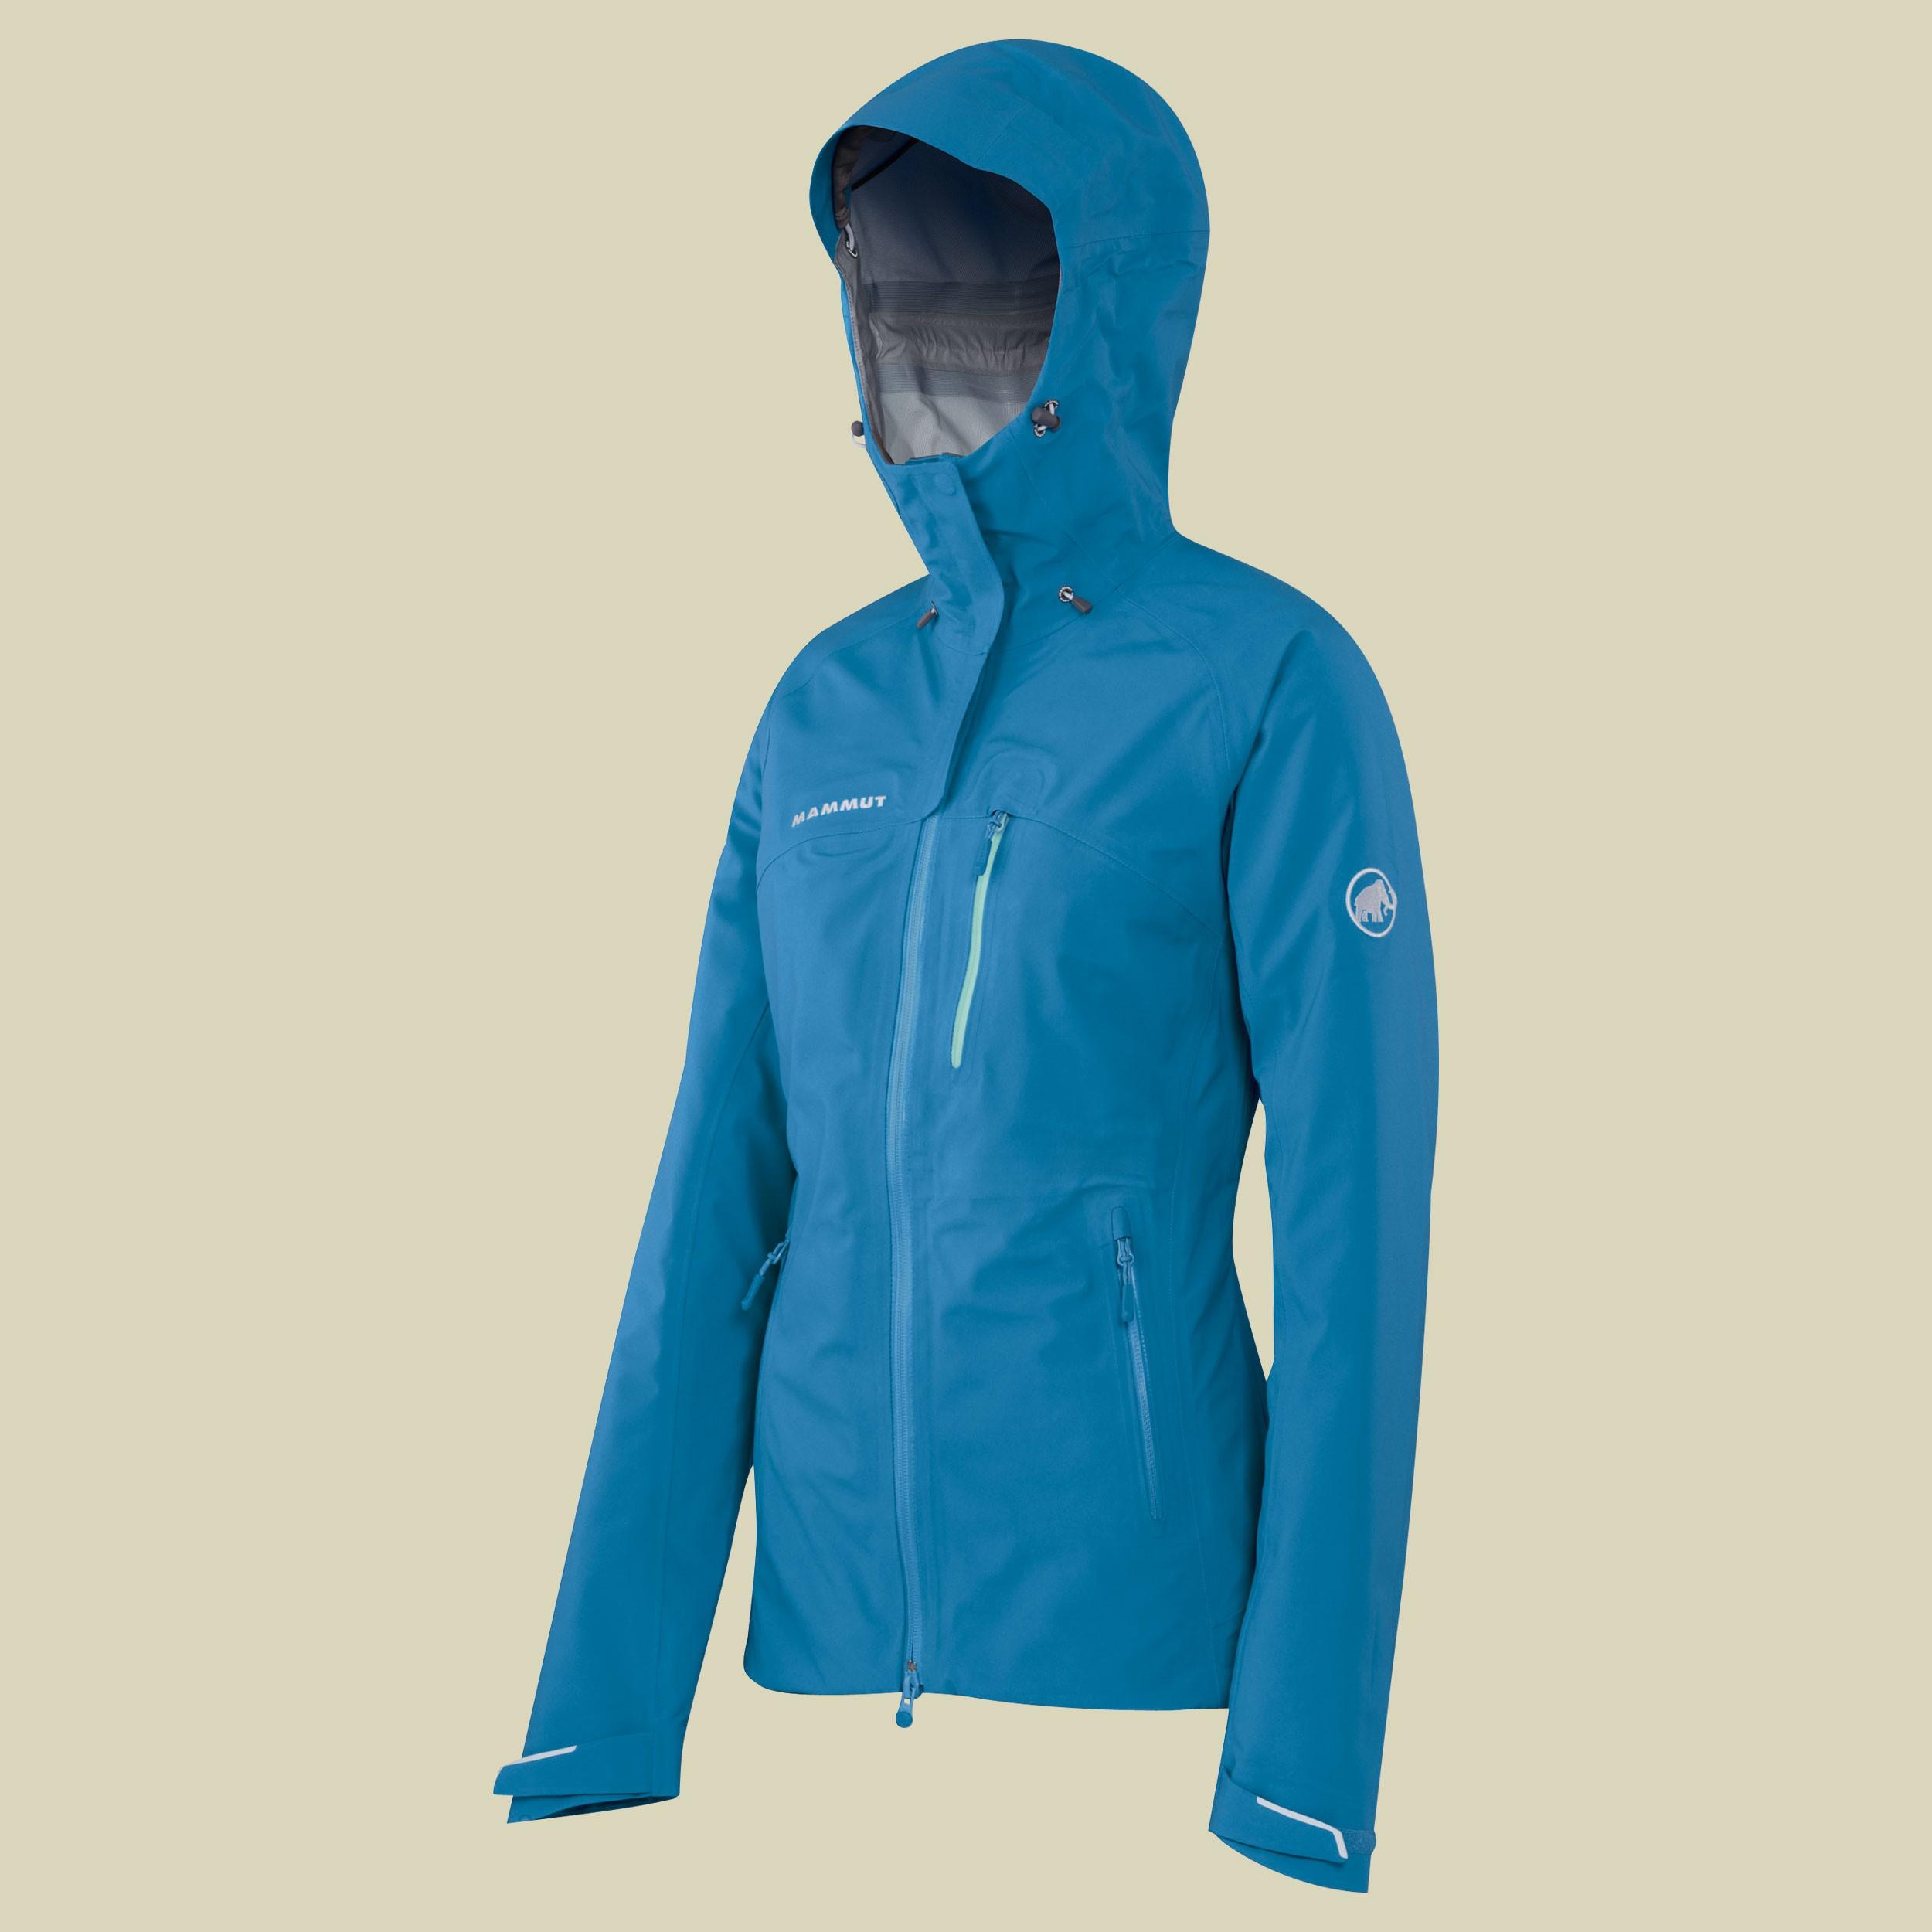 new products 8b63c 89dd0 Mammut Makai Jacket Women - Hardshell-Jacke Damen - naturzeit